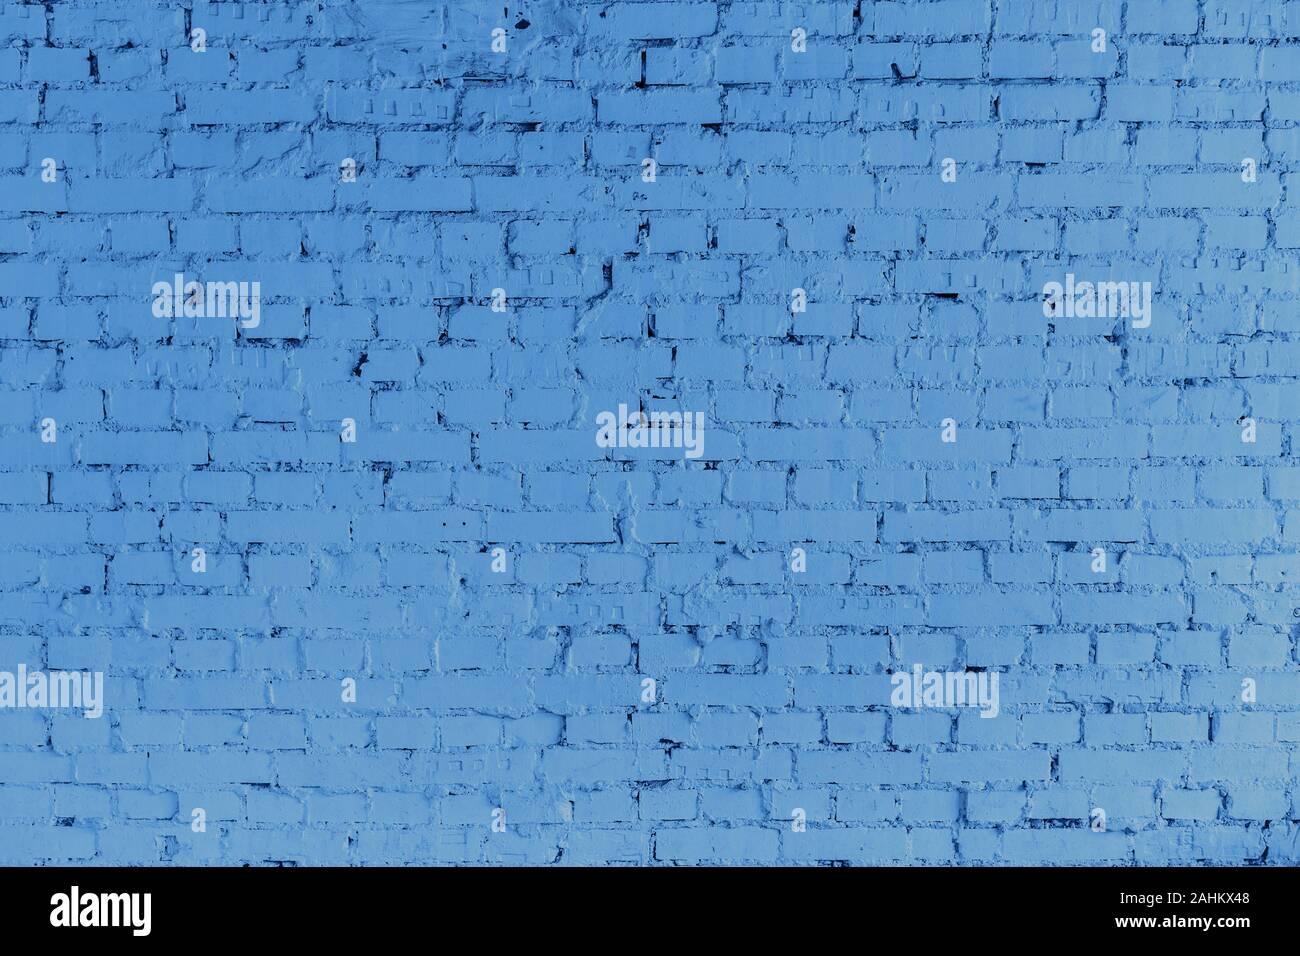 Il profondo blu del muro di mattoni texture vicino. Carta da parati moderna progettazione per il web o di Grafica d'arte progetto. Banner Trendy virati al blu classico - colore del 2020 Foto Stock